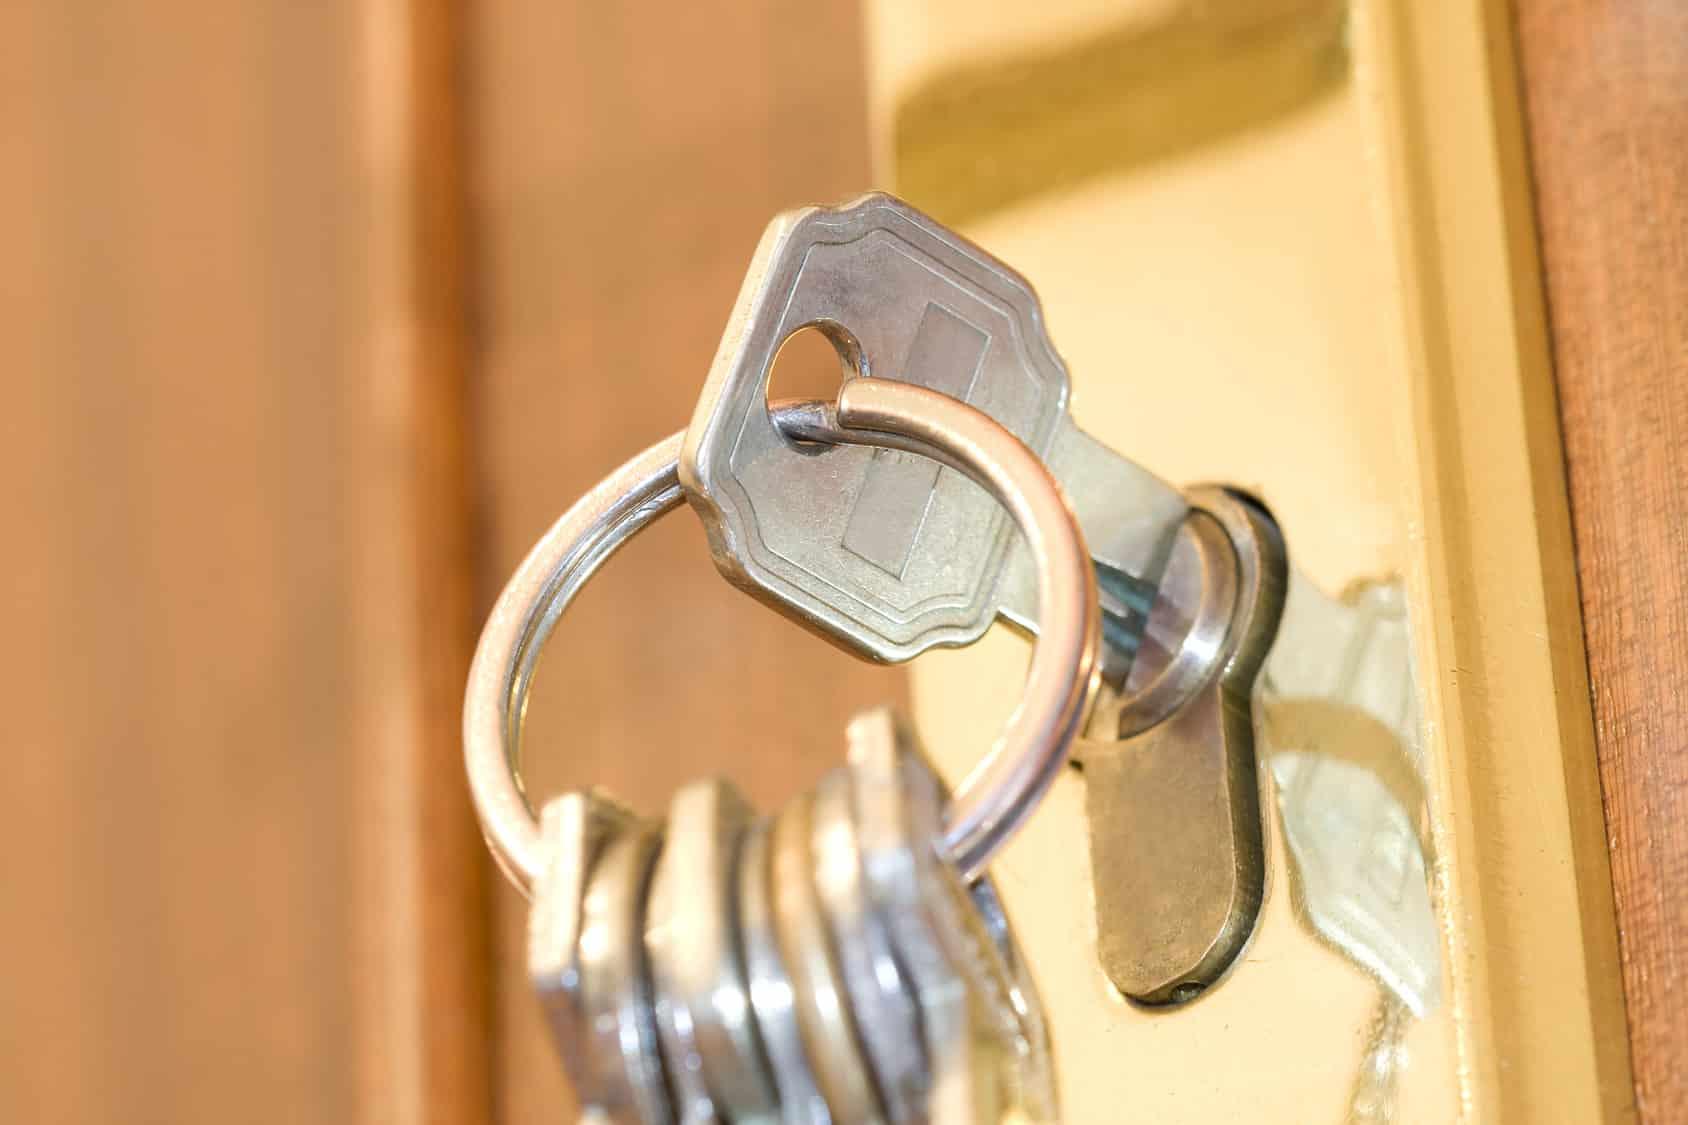 Les clés d'une porte